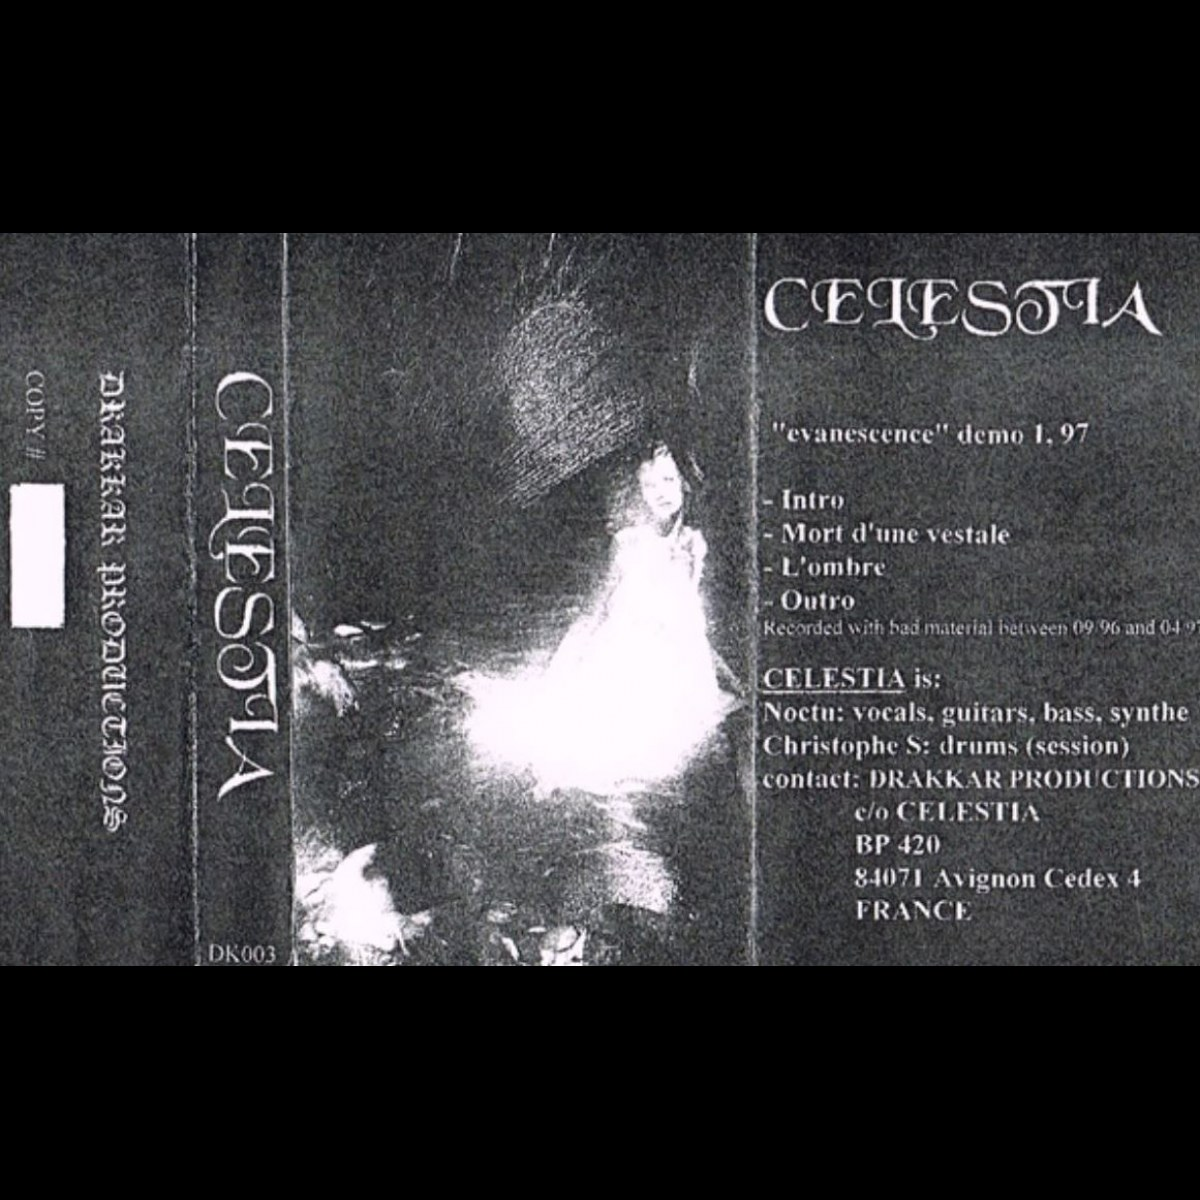 Review for Celestia - Evanescence